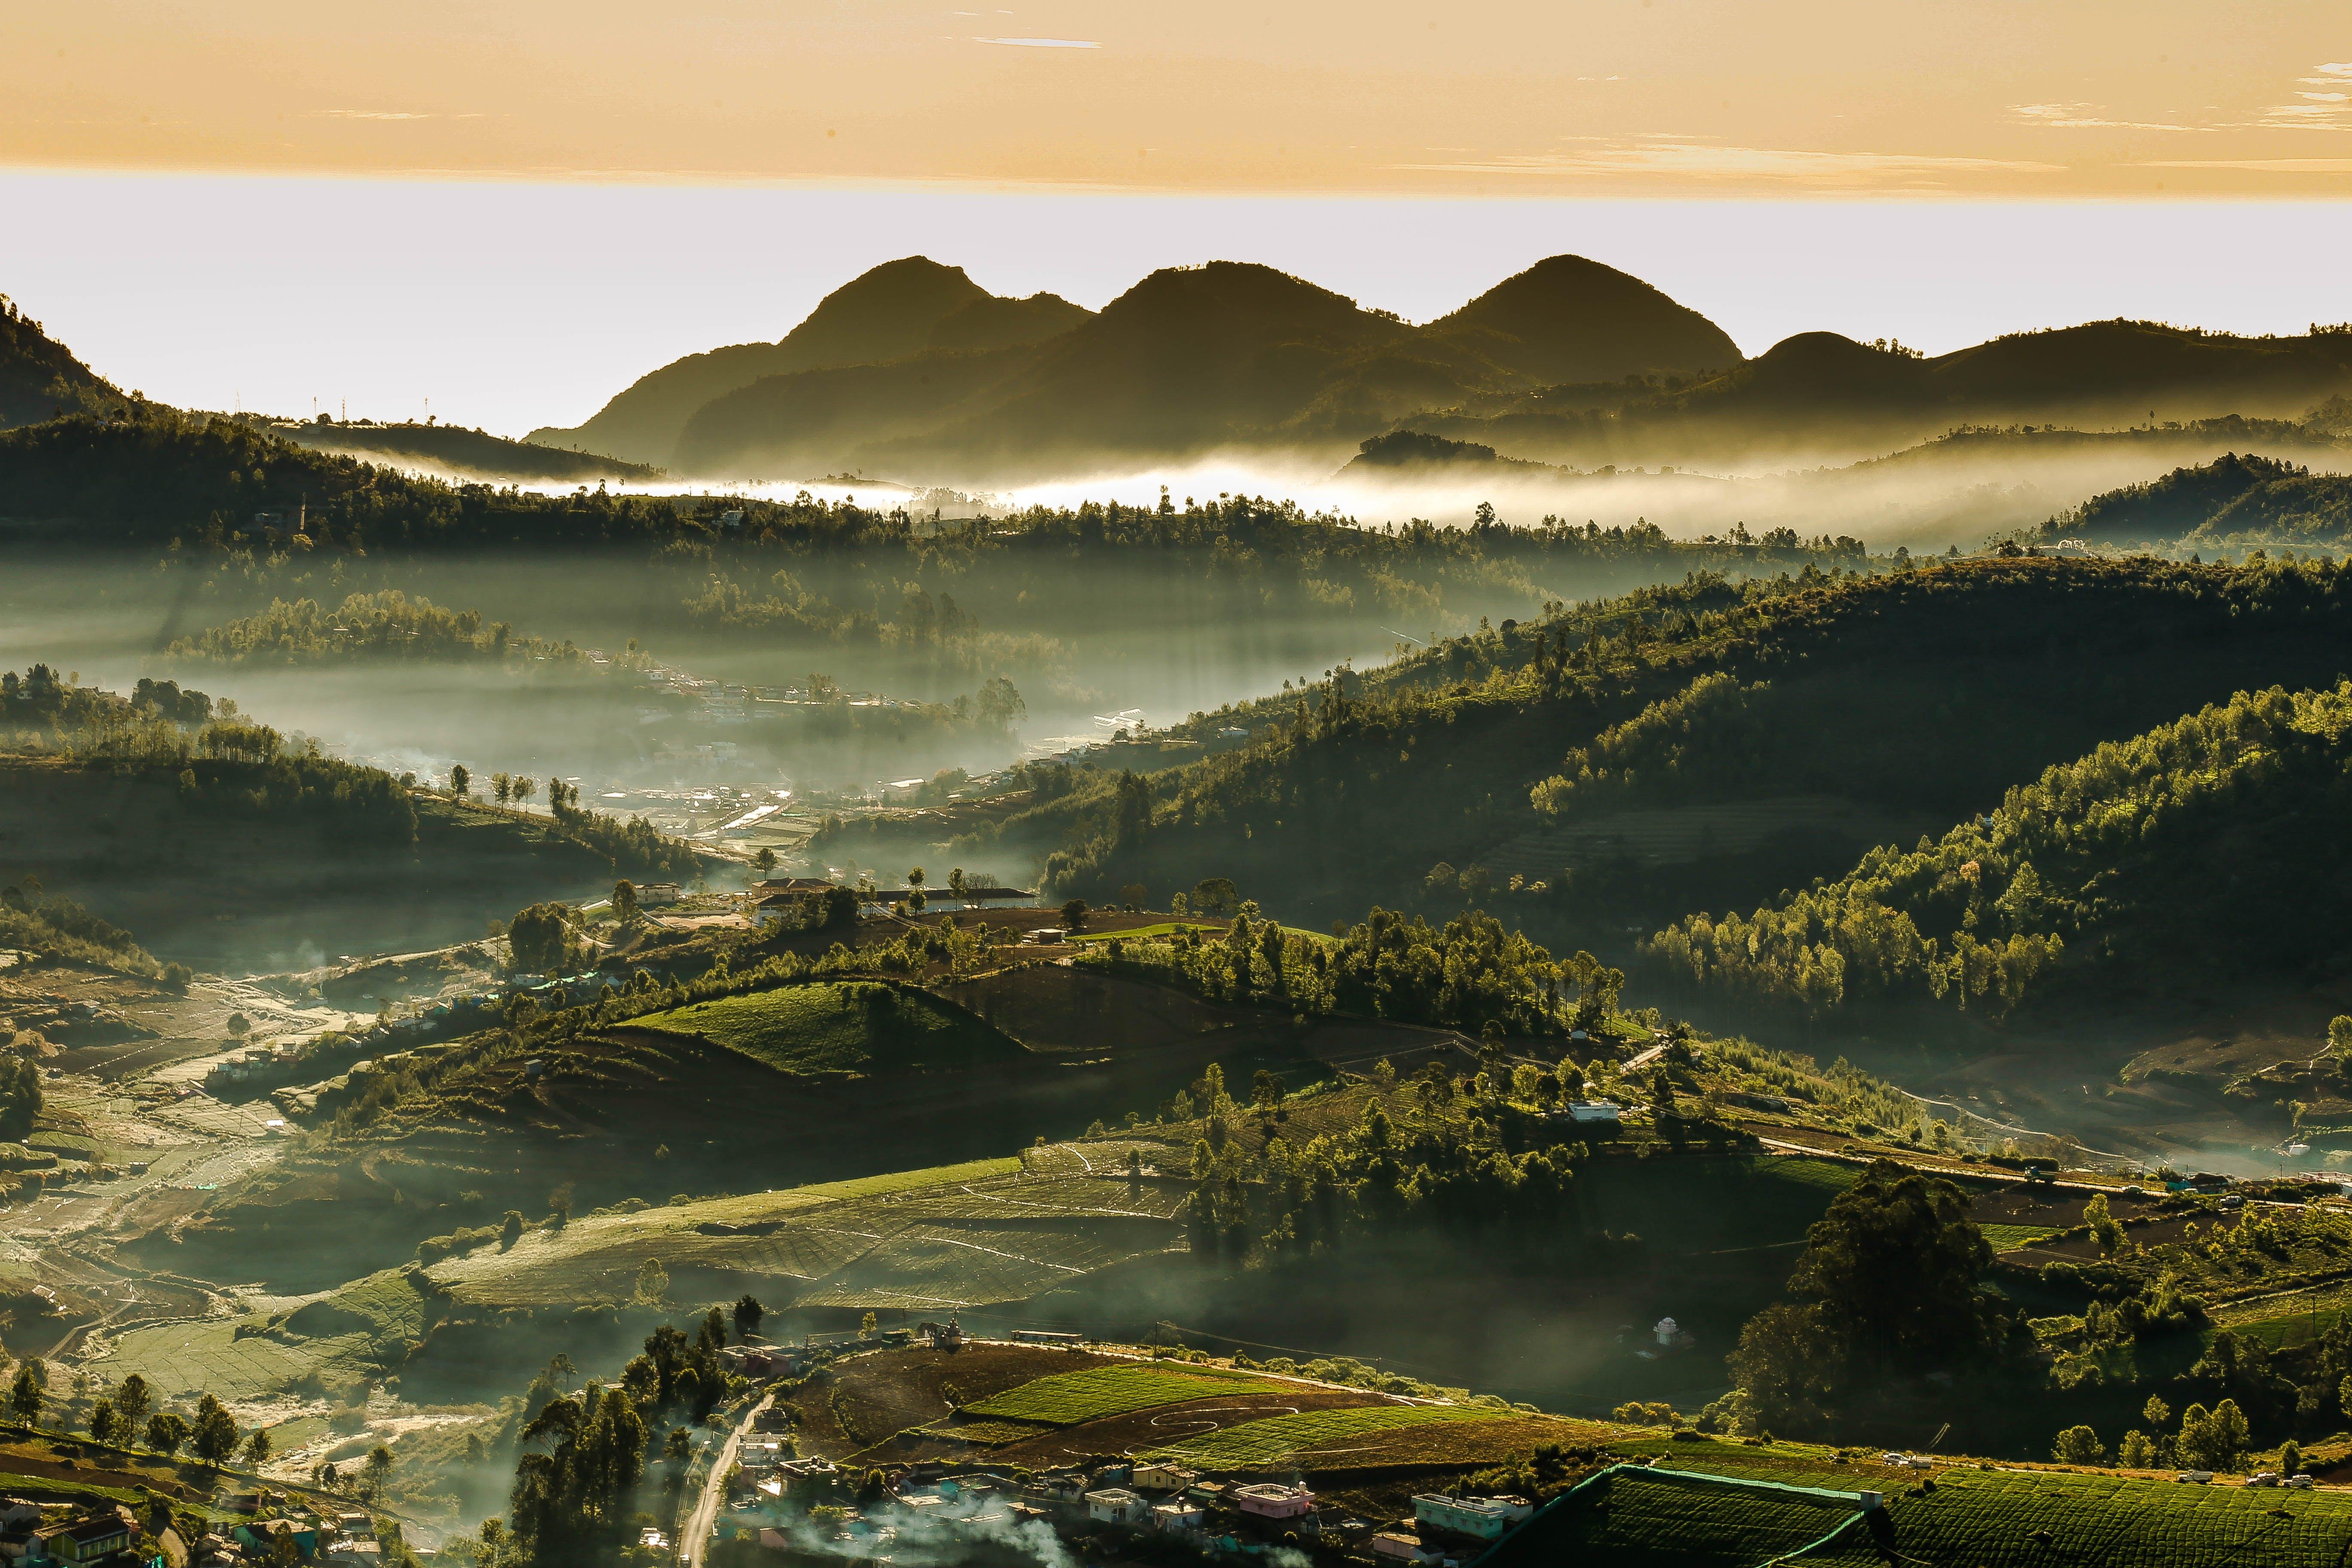 Gratis lagerfoto af bakke, bjerg, dal, landskab